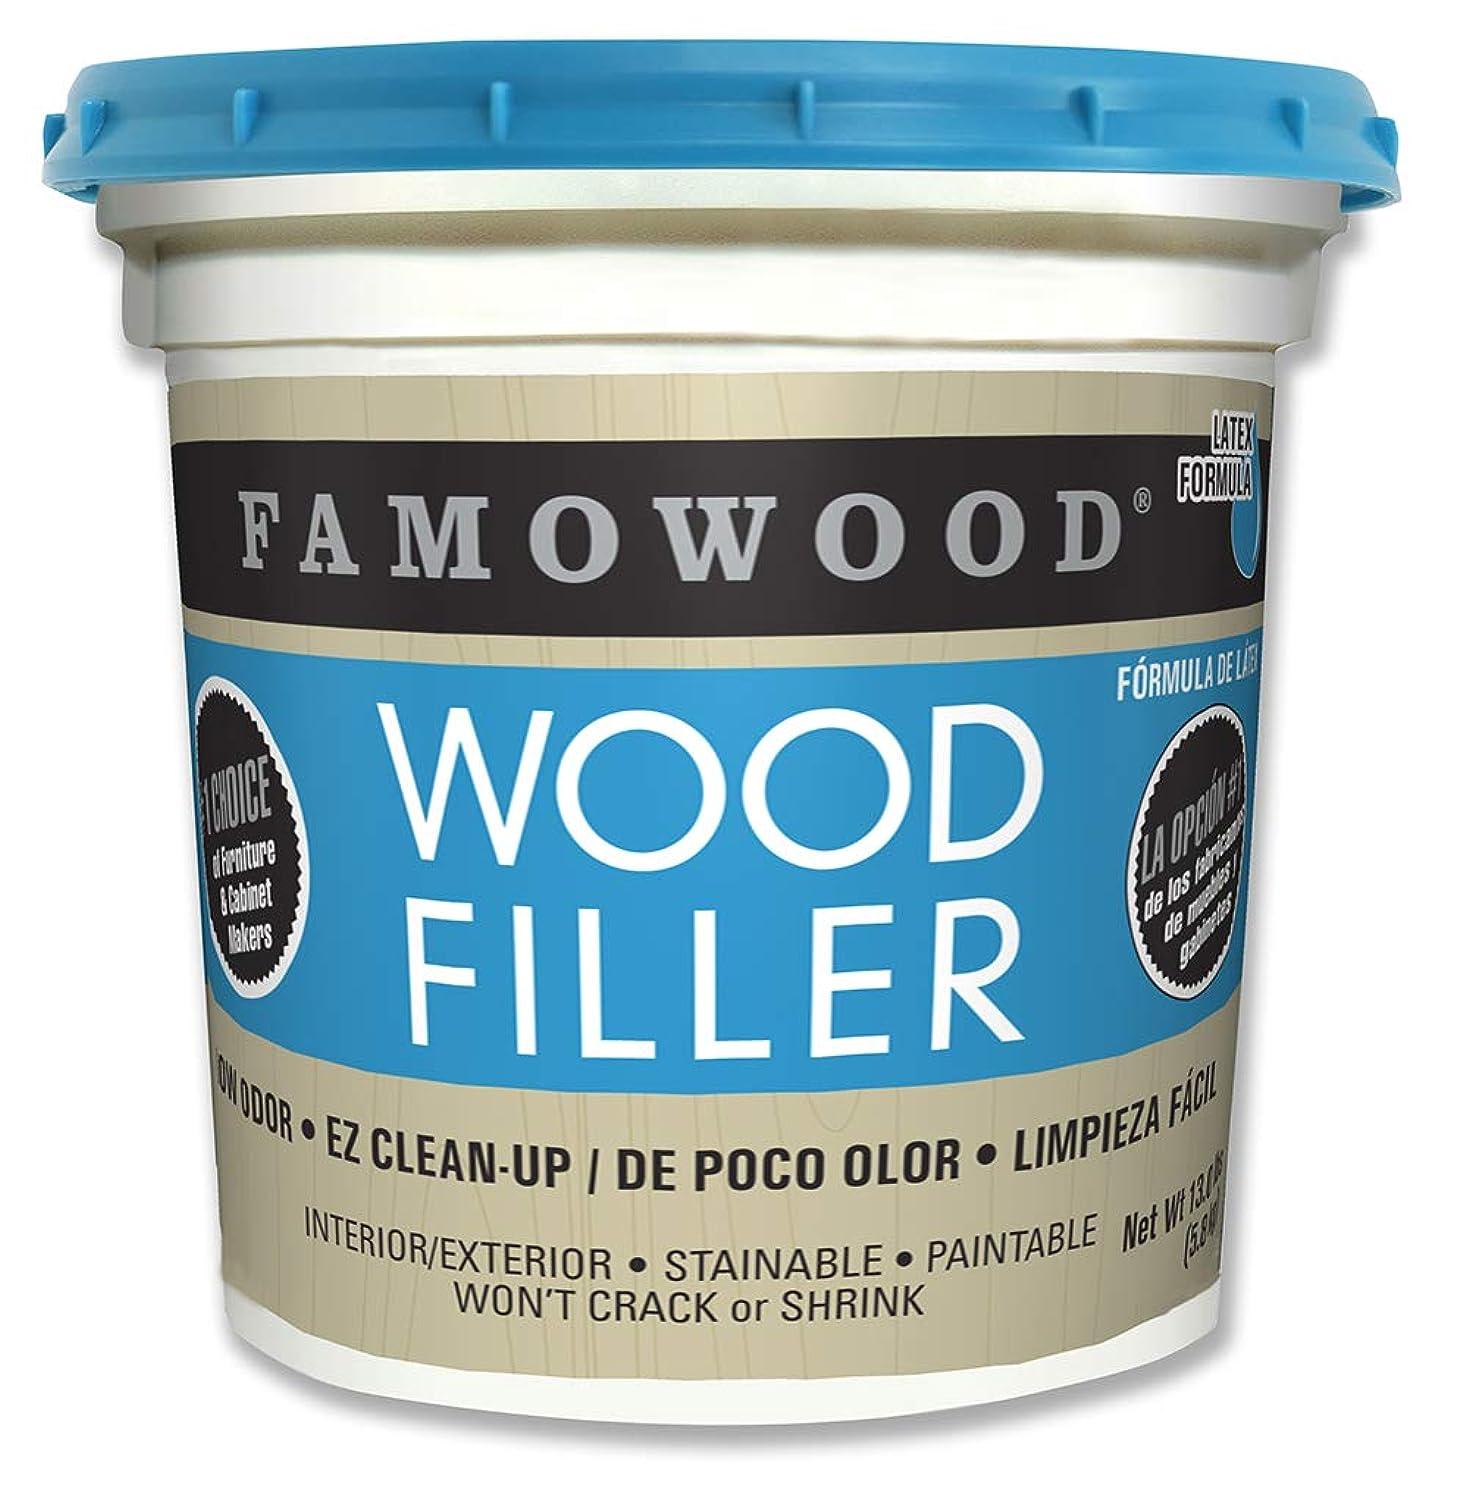 Famowood 40002142 Latex Wood Filler, Walnut, Net Wt 13.0 lbs.